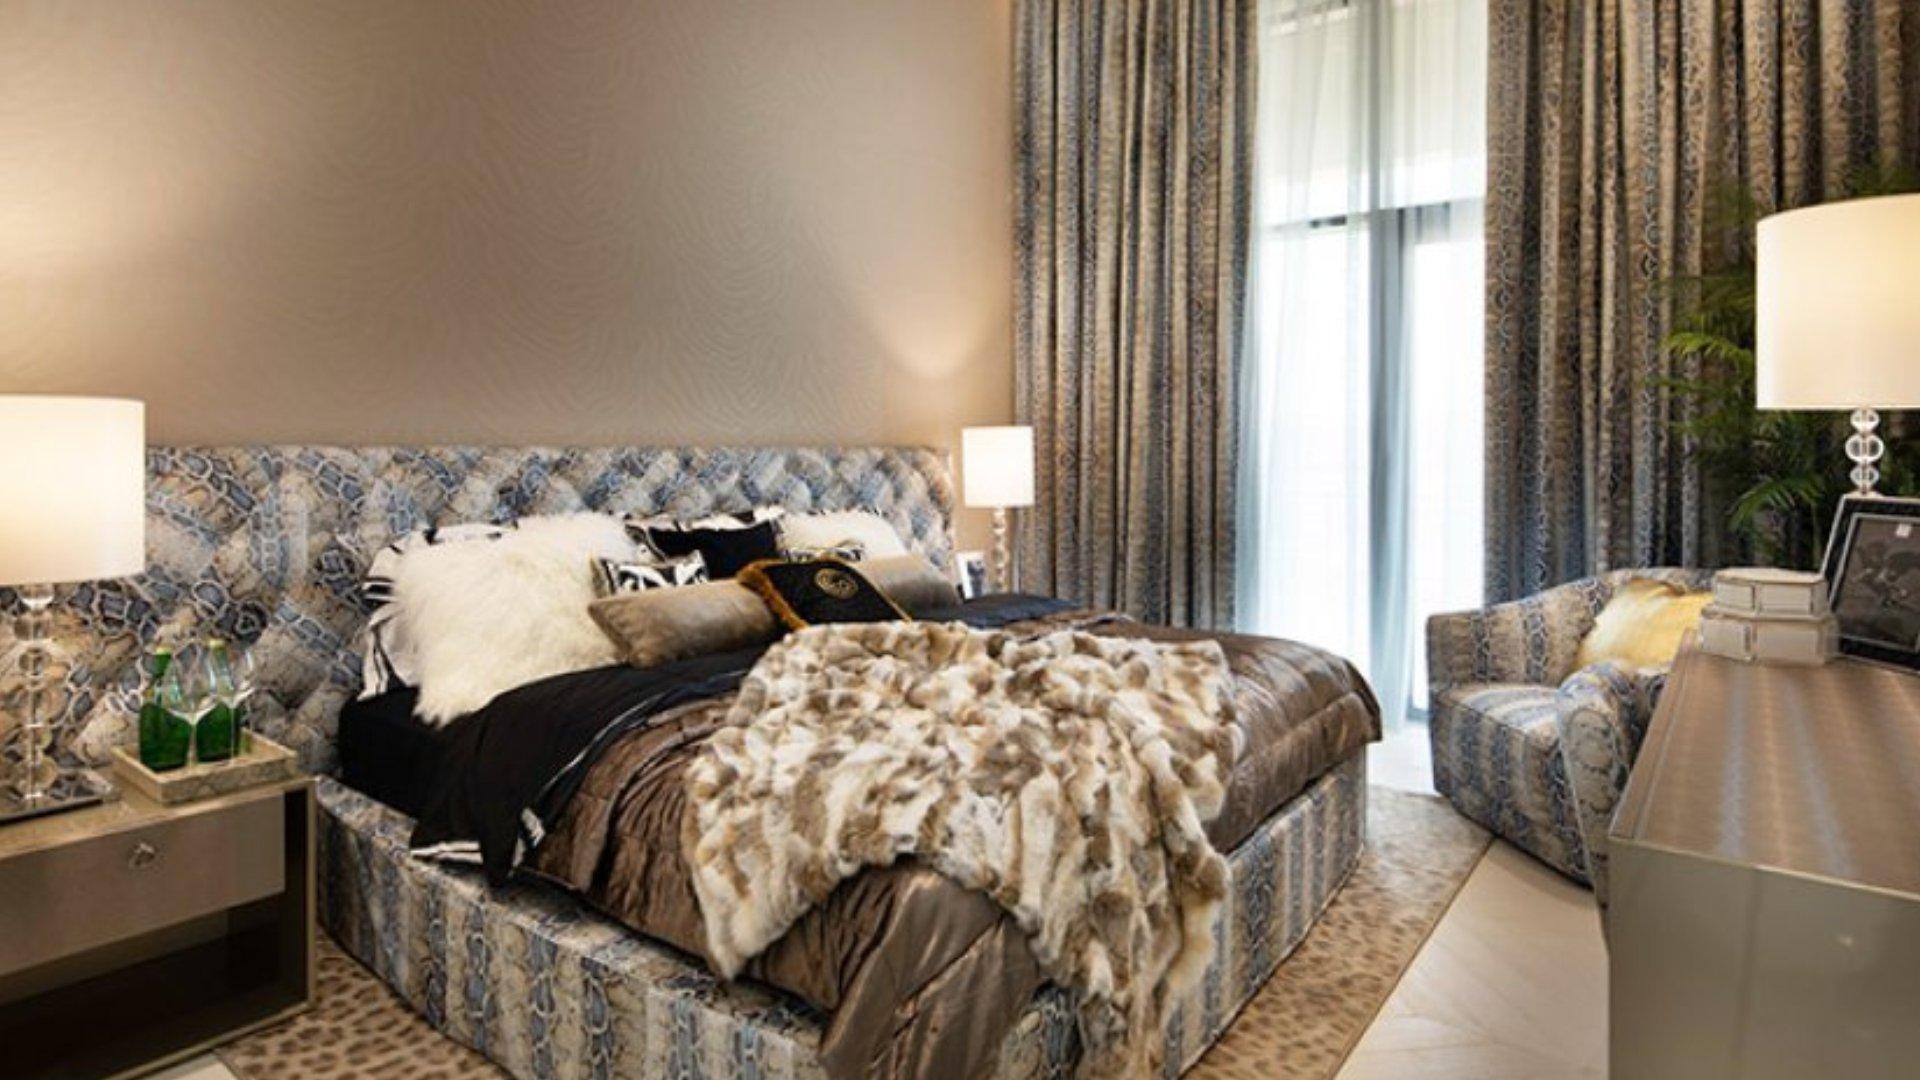 Villa en venta en Dubai, EAU, 3 dormitorios, 200 m2, № 24497 – foto 5